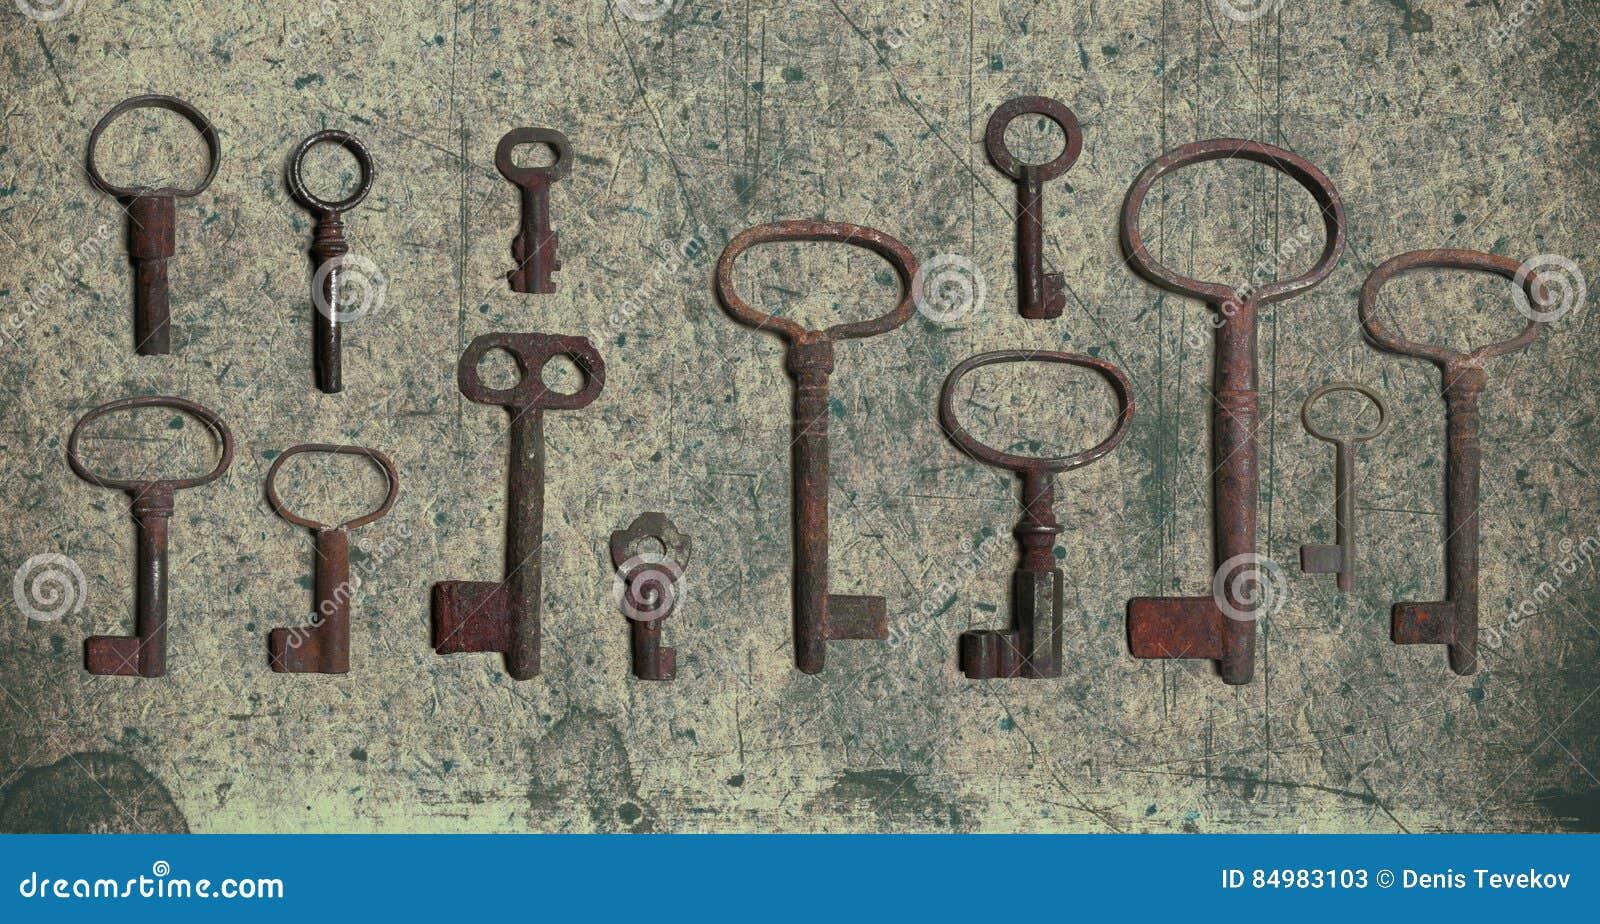 Старый ключ на старой текстурированной бумаге с естественными картинами